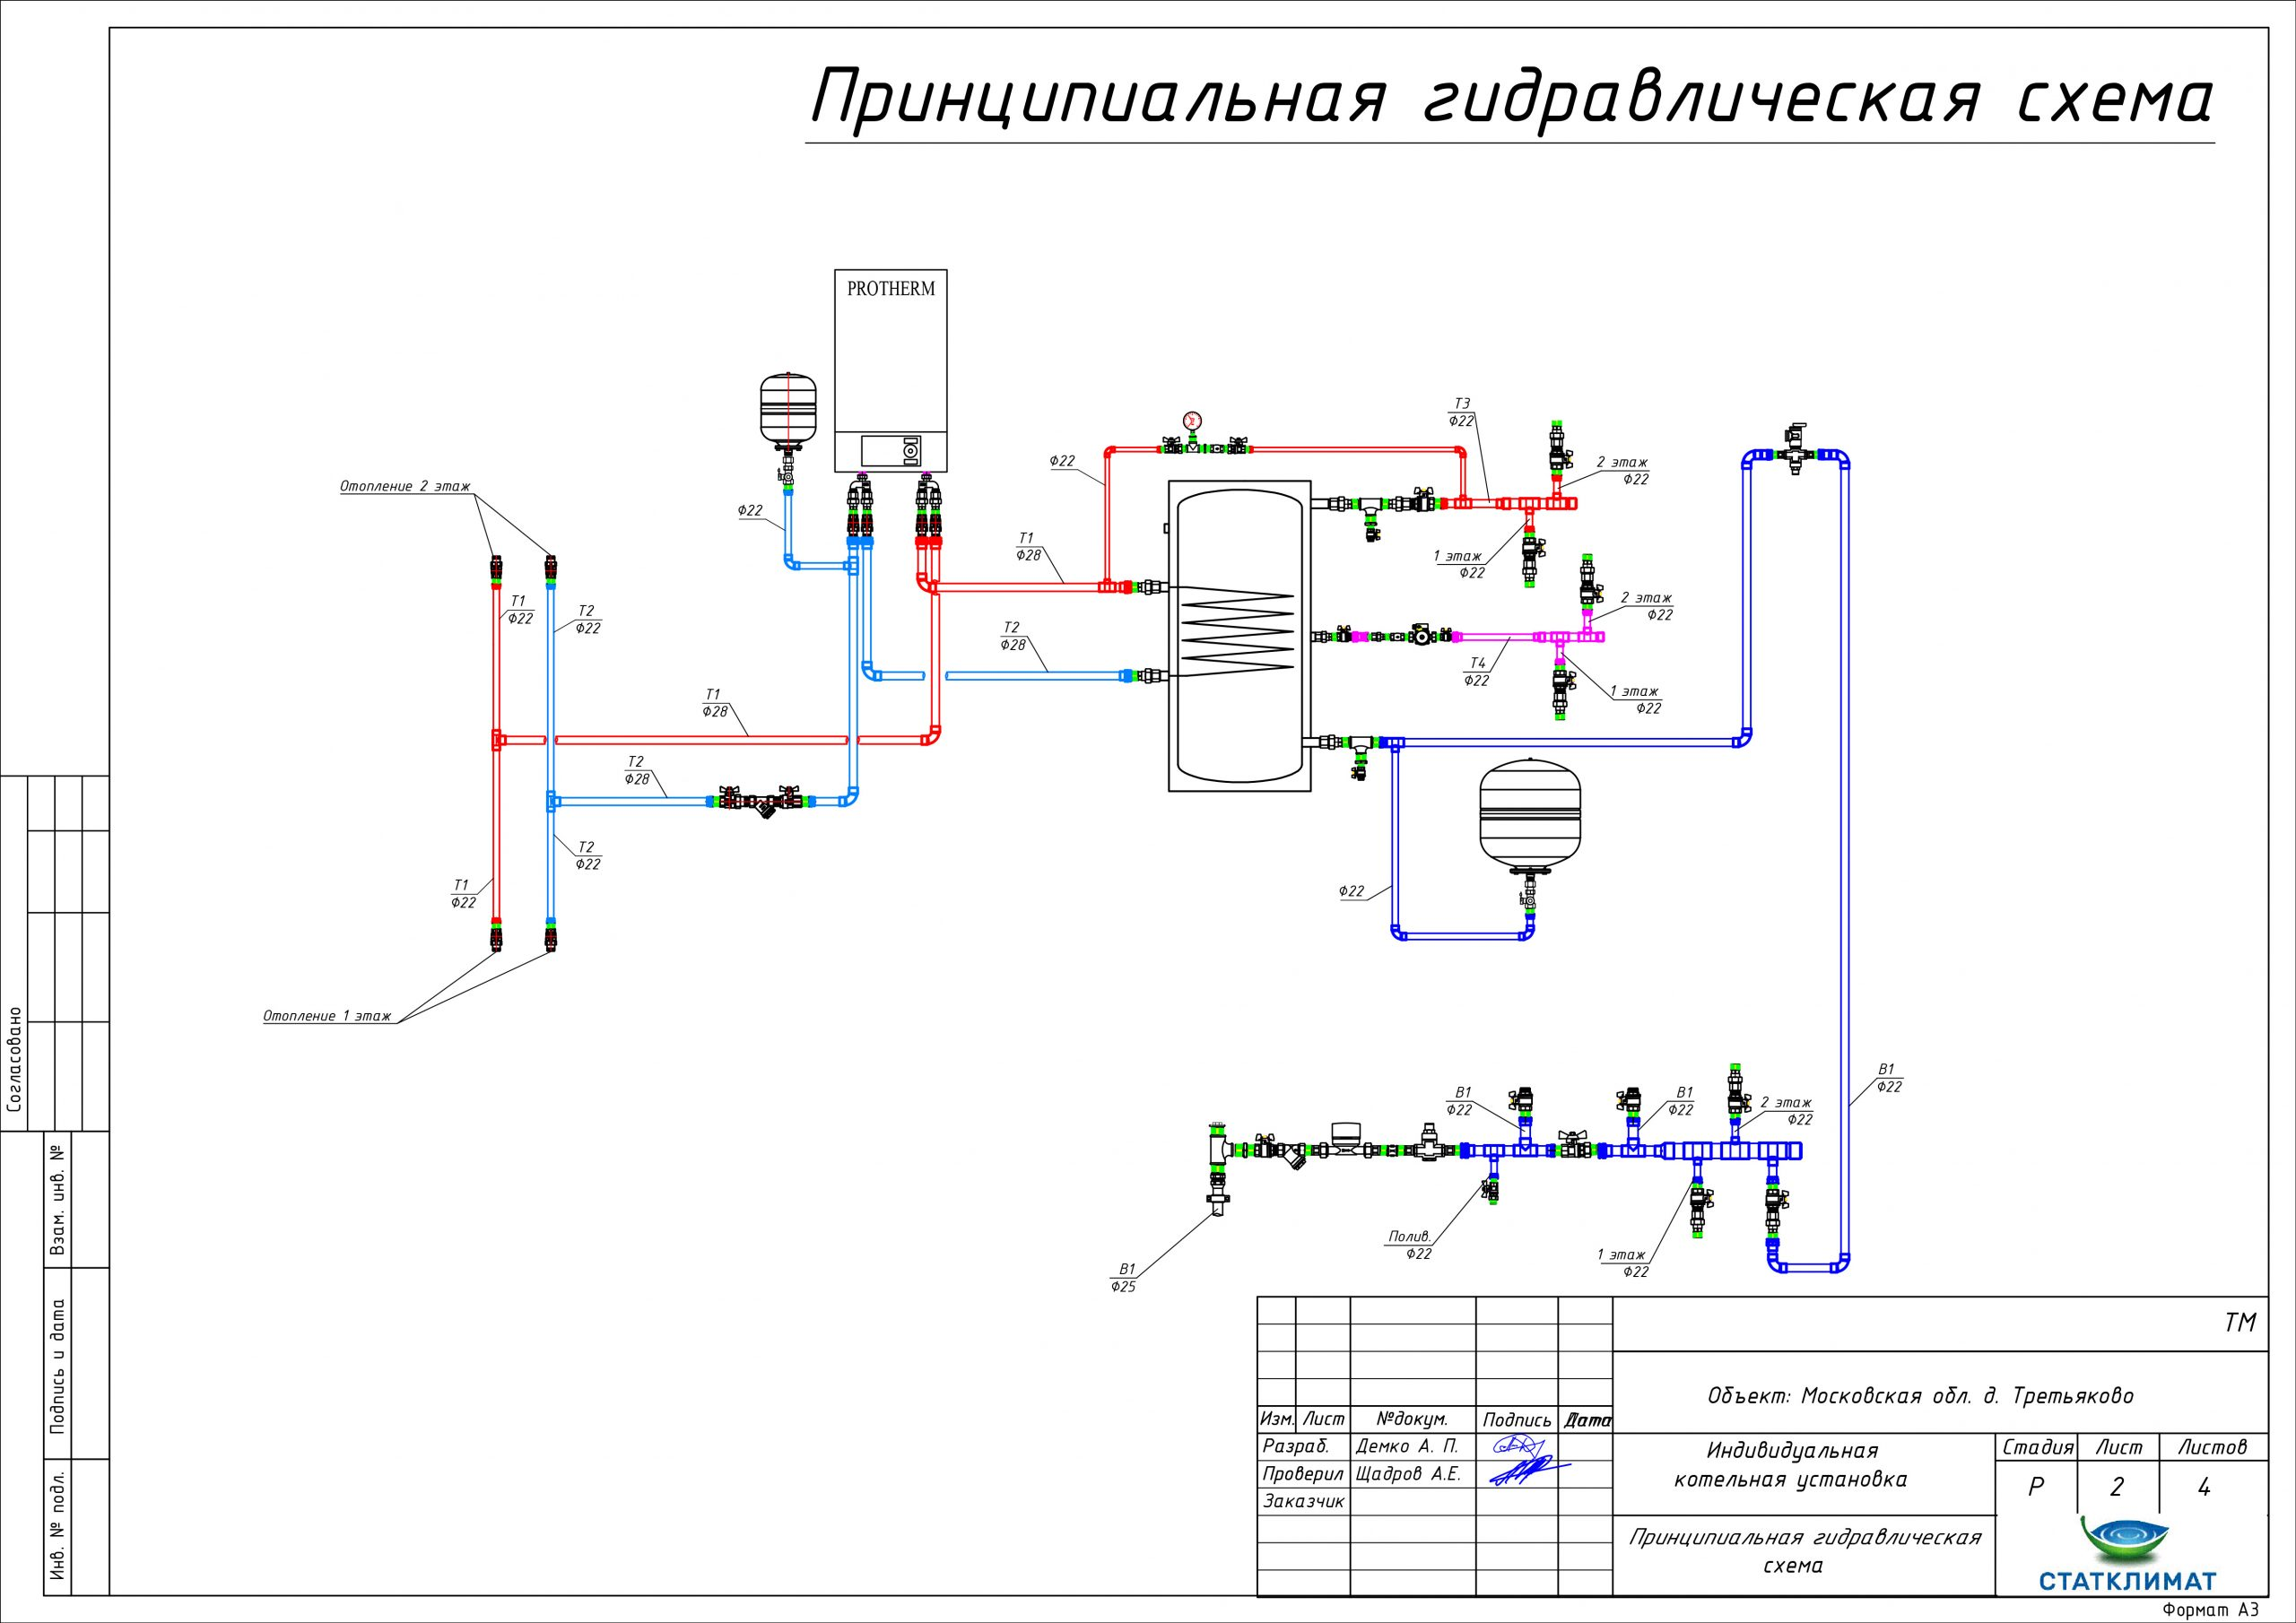 Самостоятельное проектирование отопления коттеджа: советы по выбору комплектующих, обзор систем теплоснабжения